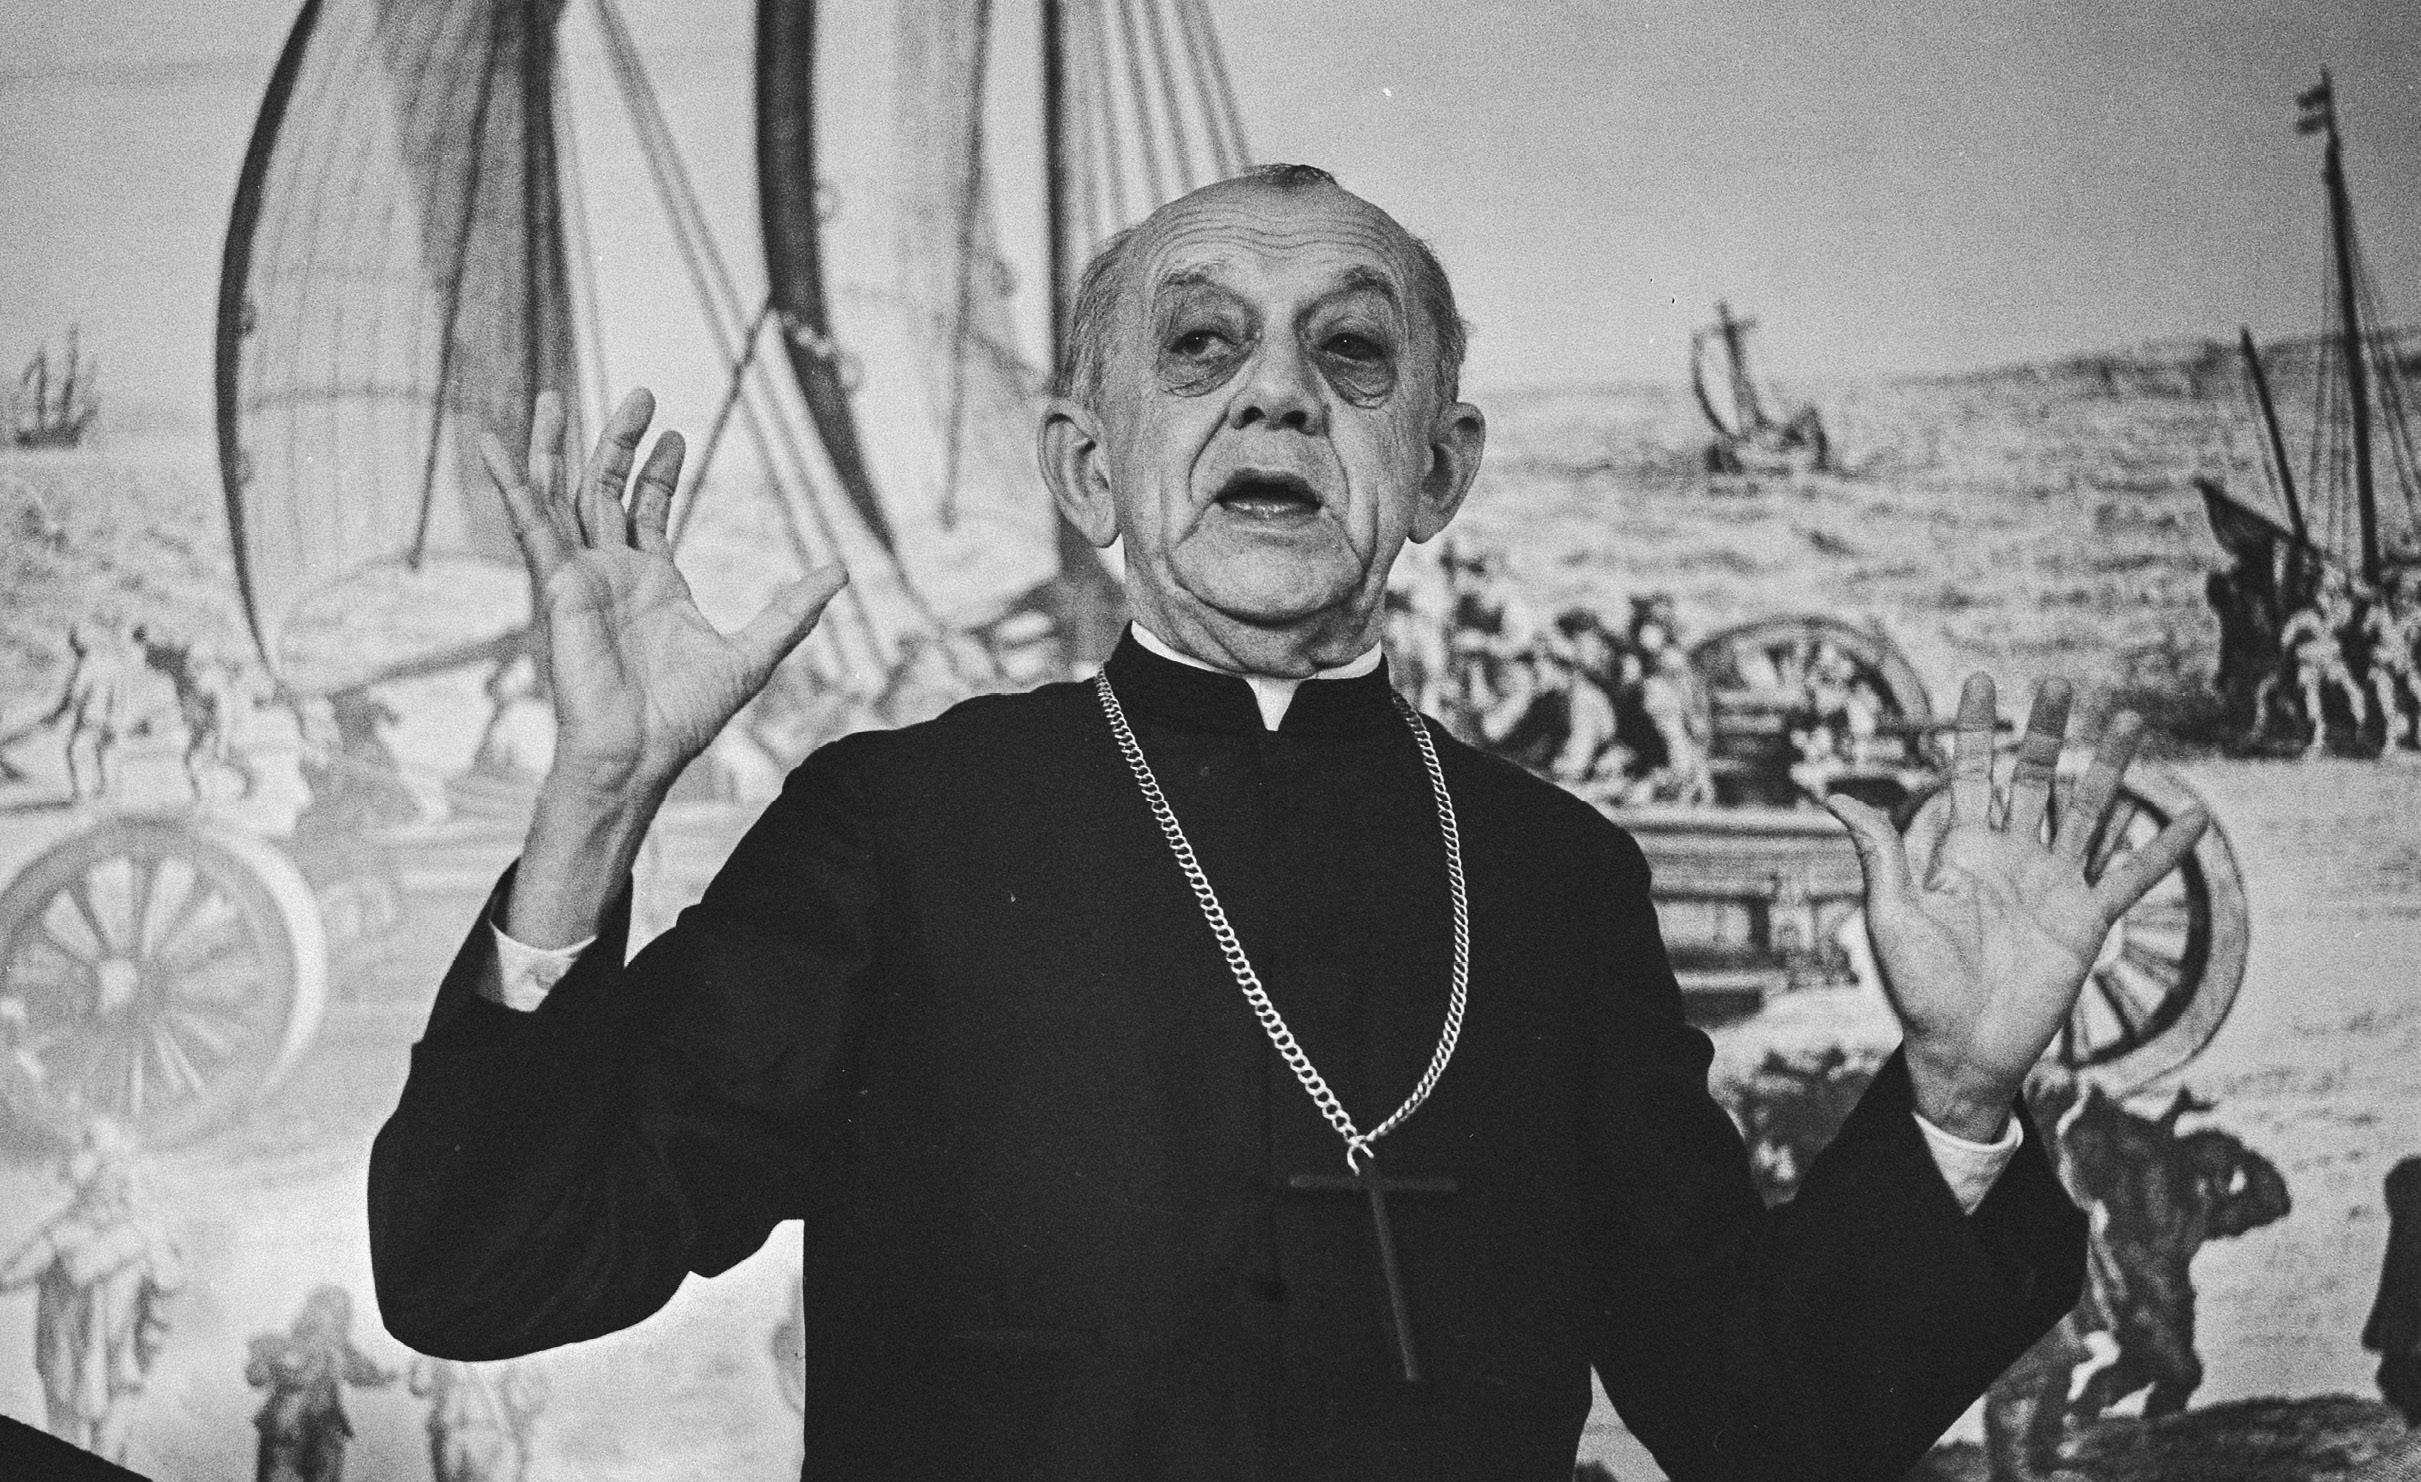 D. Hélder Câmara (1909-1999) foi um dos fundadores da Conferência Nacional dos Bispos do Brasil e grande defensor dos direitos humanos durante a ditadura militar no Brasil. Pregava uma Igreja simples, voltada para os pobres e a não-violência. Encontro Solidariedade, em Haia, 1978. Foto Suyk, Koen / Anefo / Wikimedia Commons.